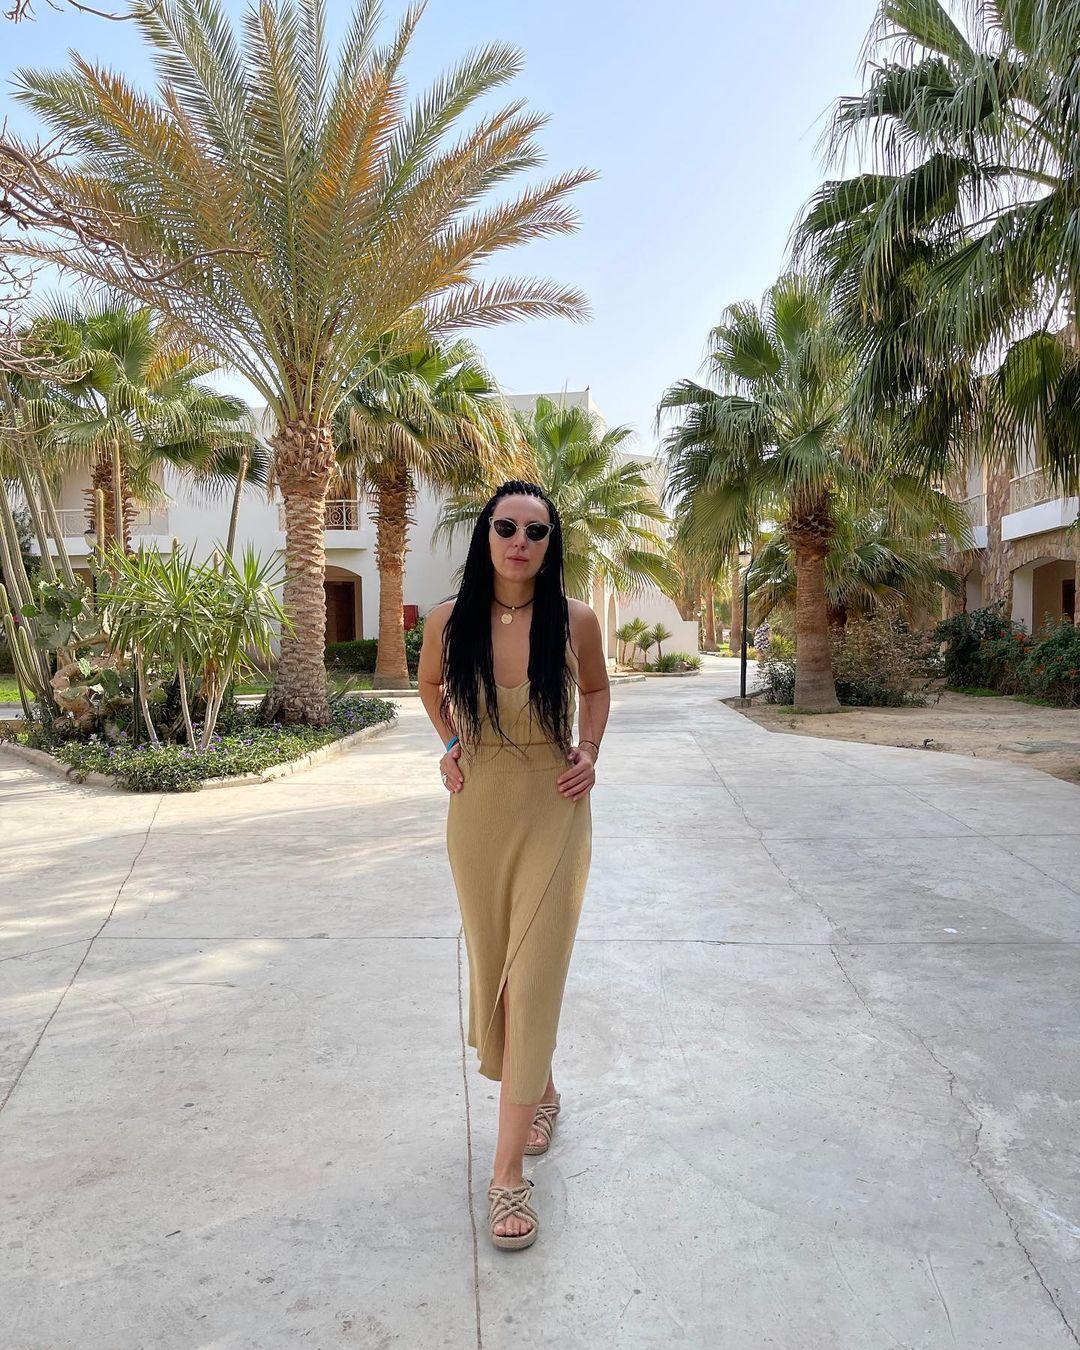 Амазонка: Джамала підкорила стильним образом на відпочинку в Єгипті